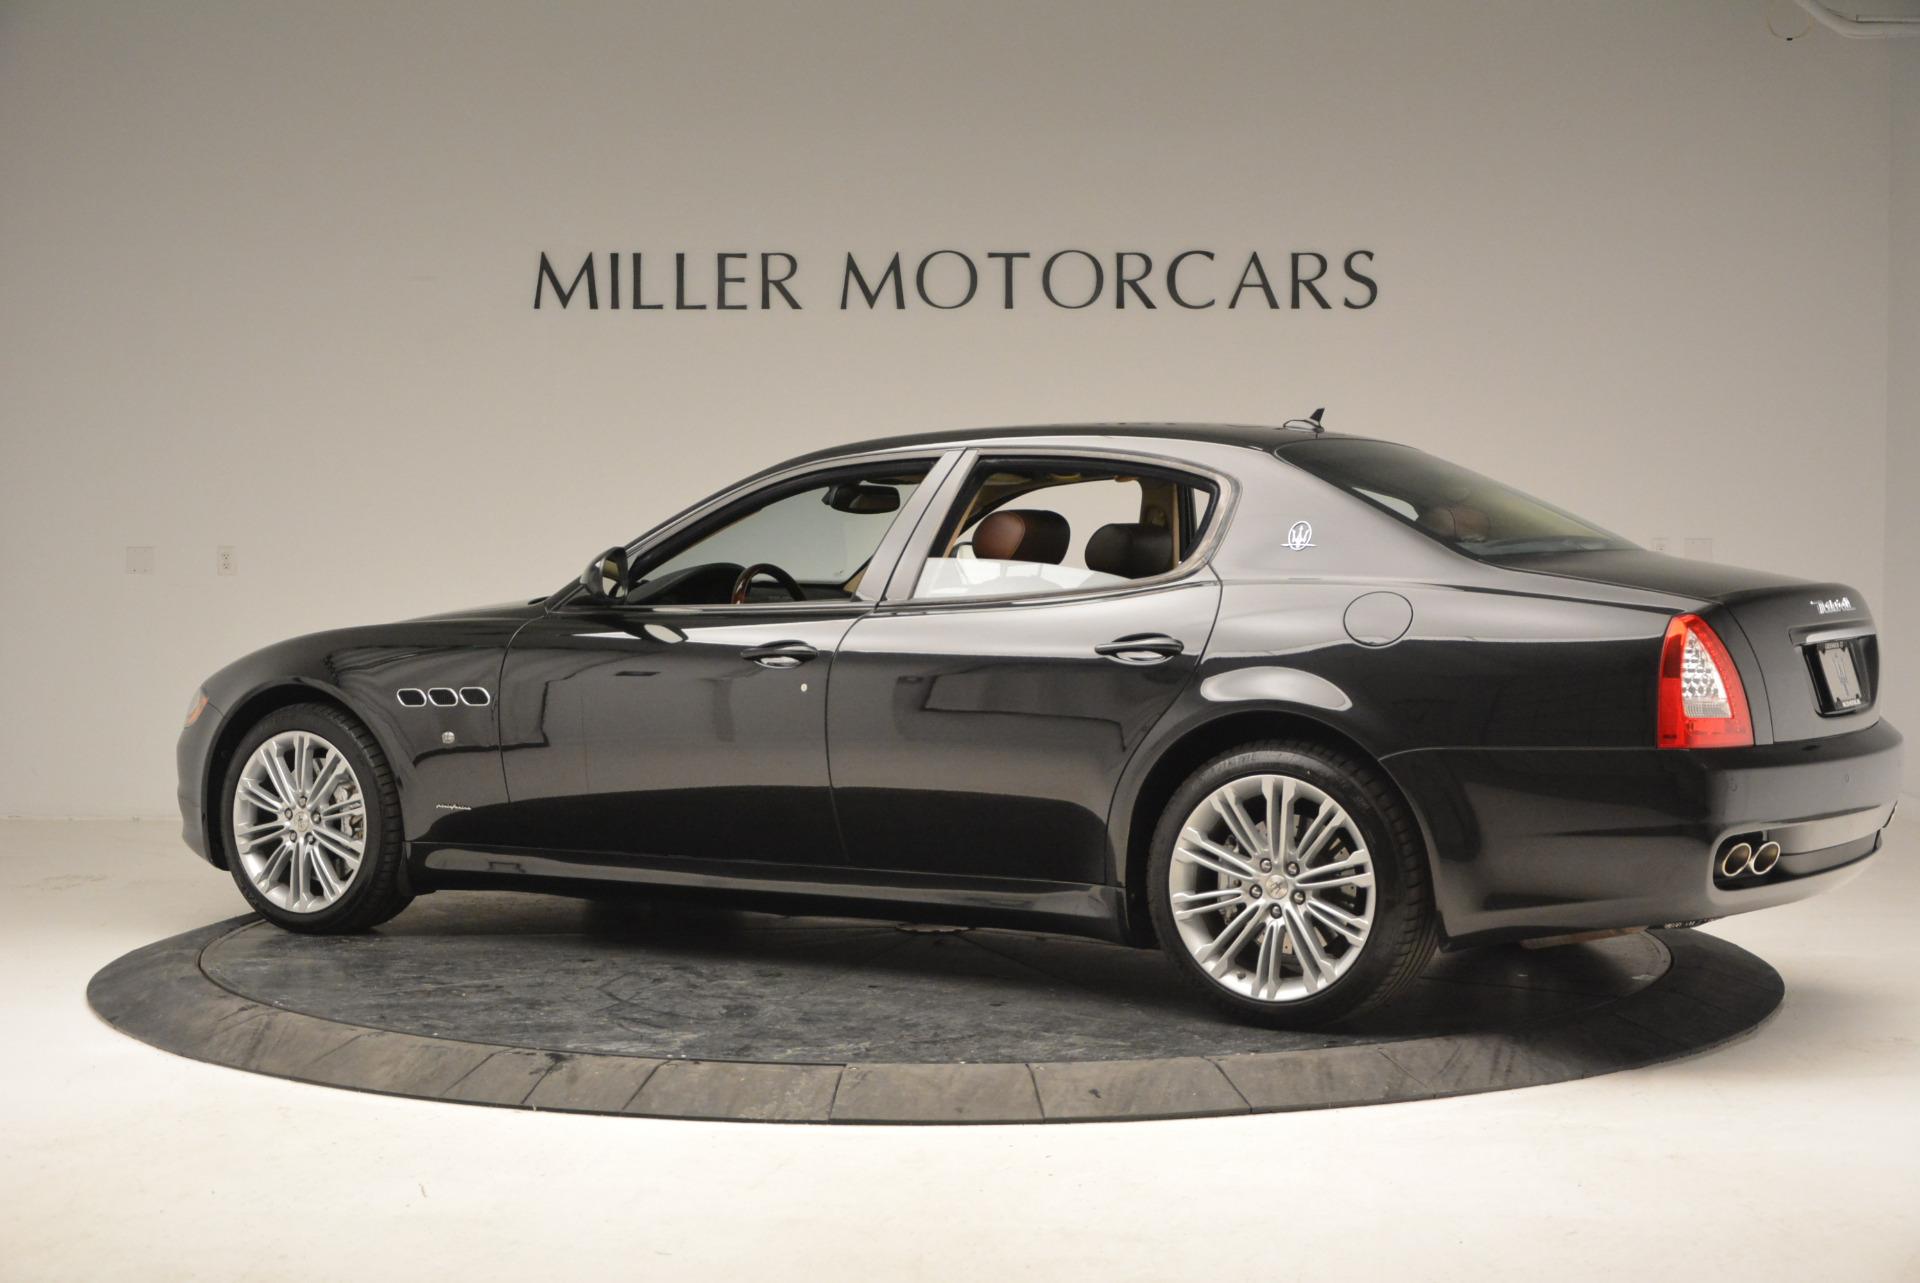 Used 2013 Maserati Quattroporte S For Sale In Greenwich, CT 1012_p4